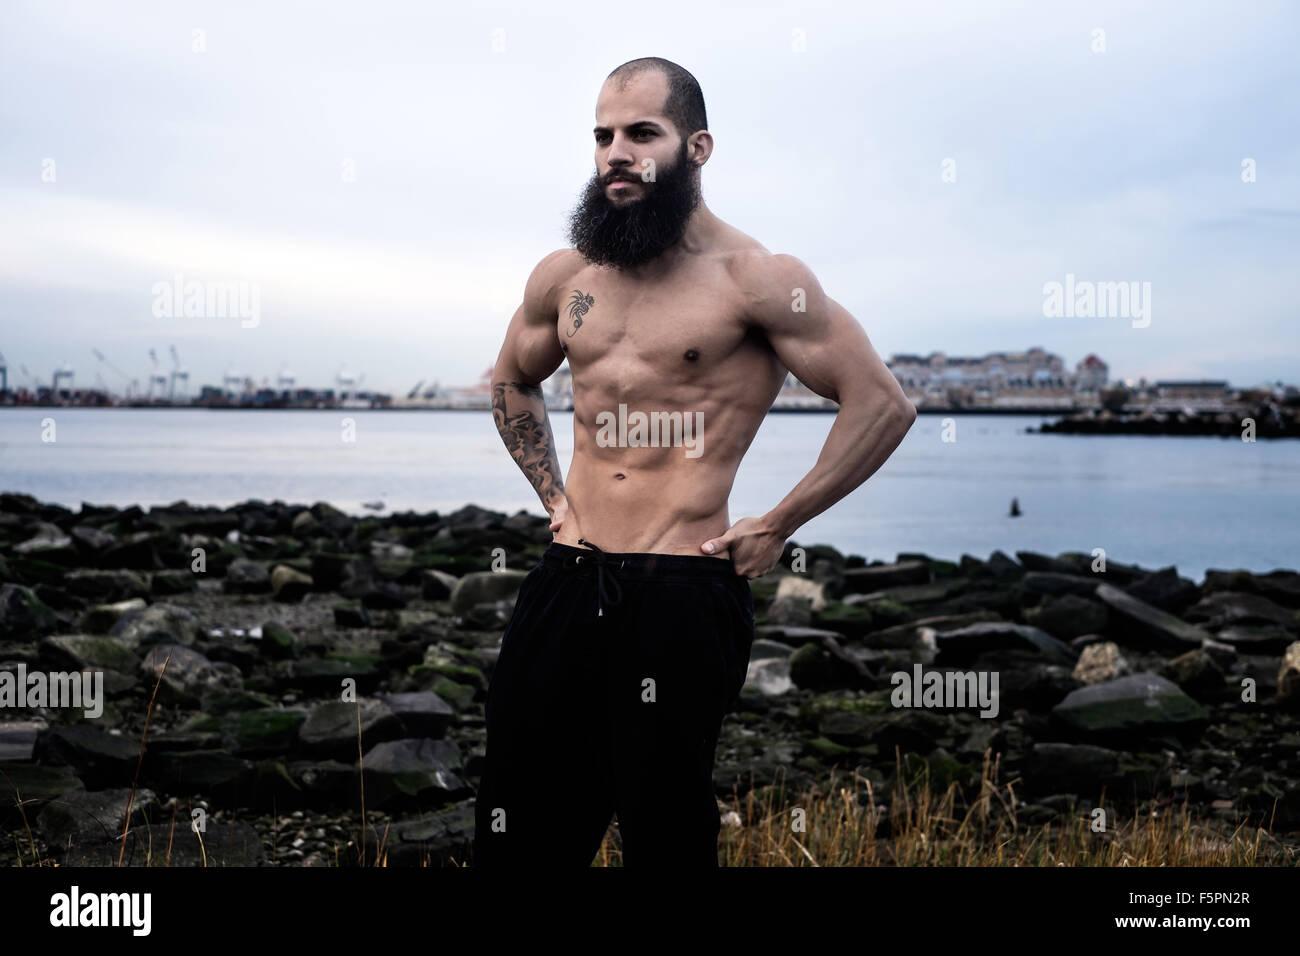 Hombre sin camisa se flexiona los músculos abdominales en una playa rocosa Imagen De Stock